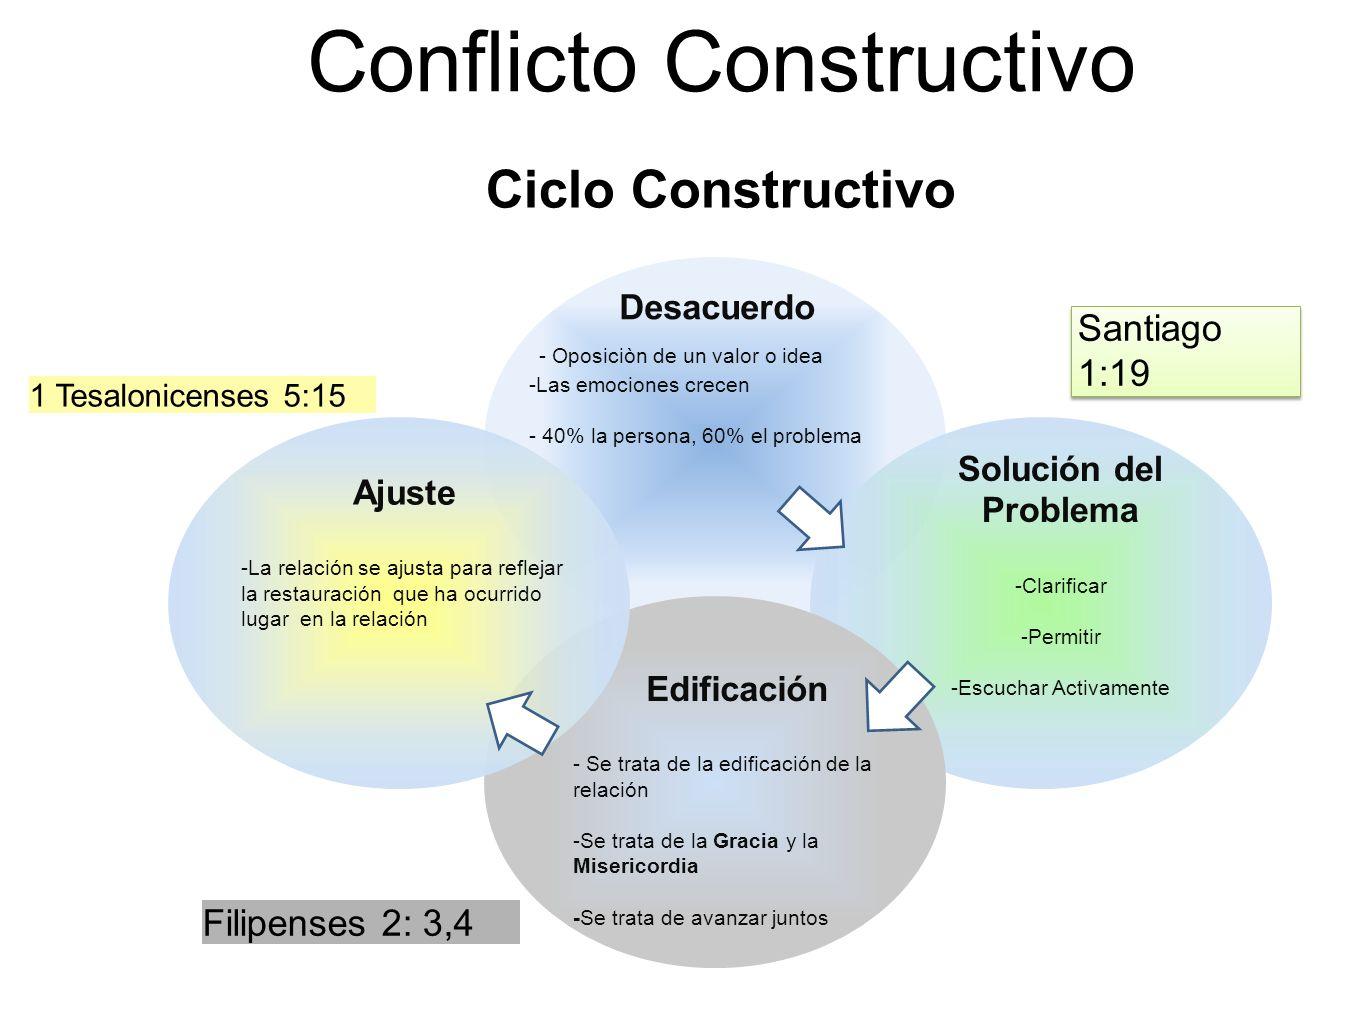 Conflicto Constructivo